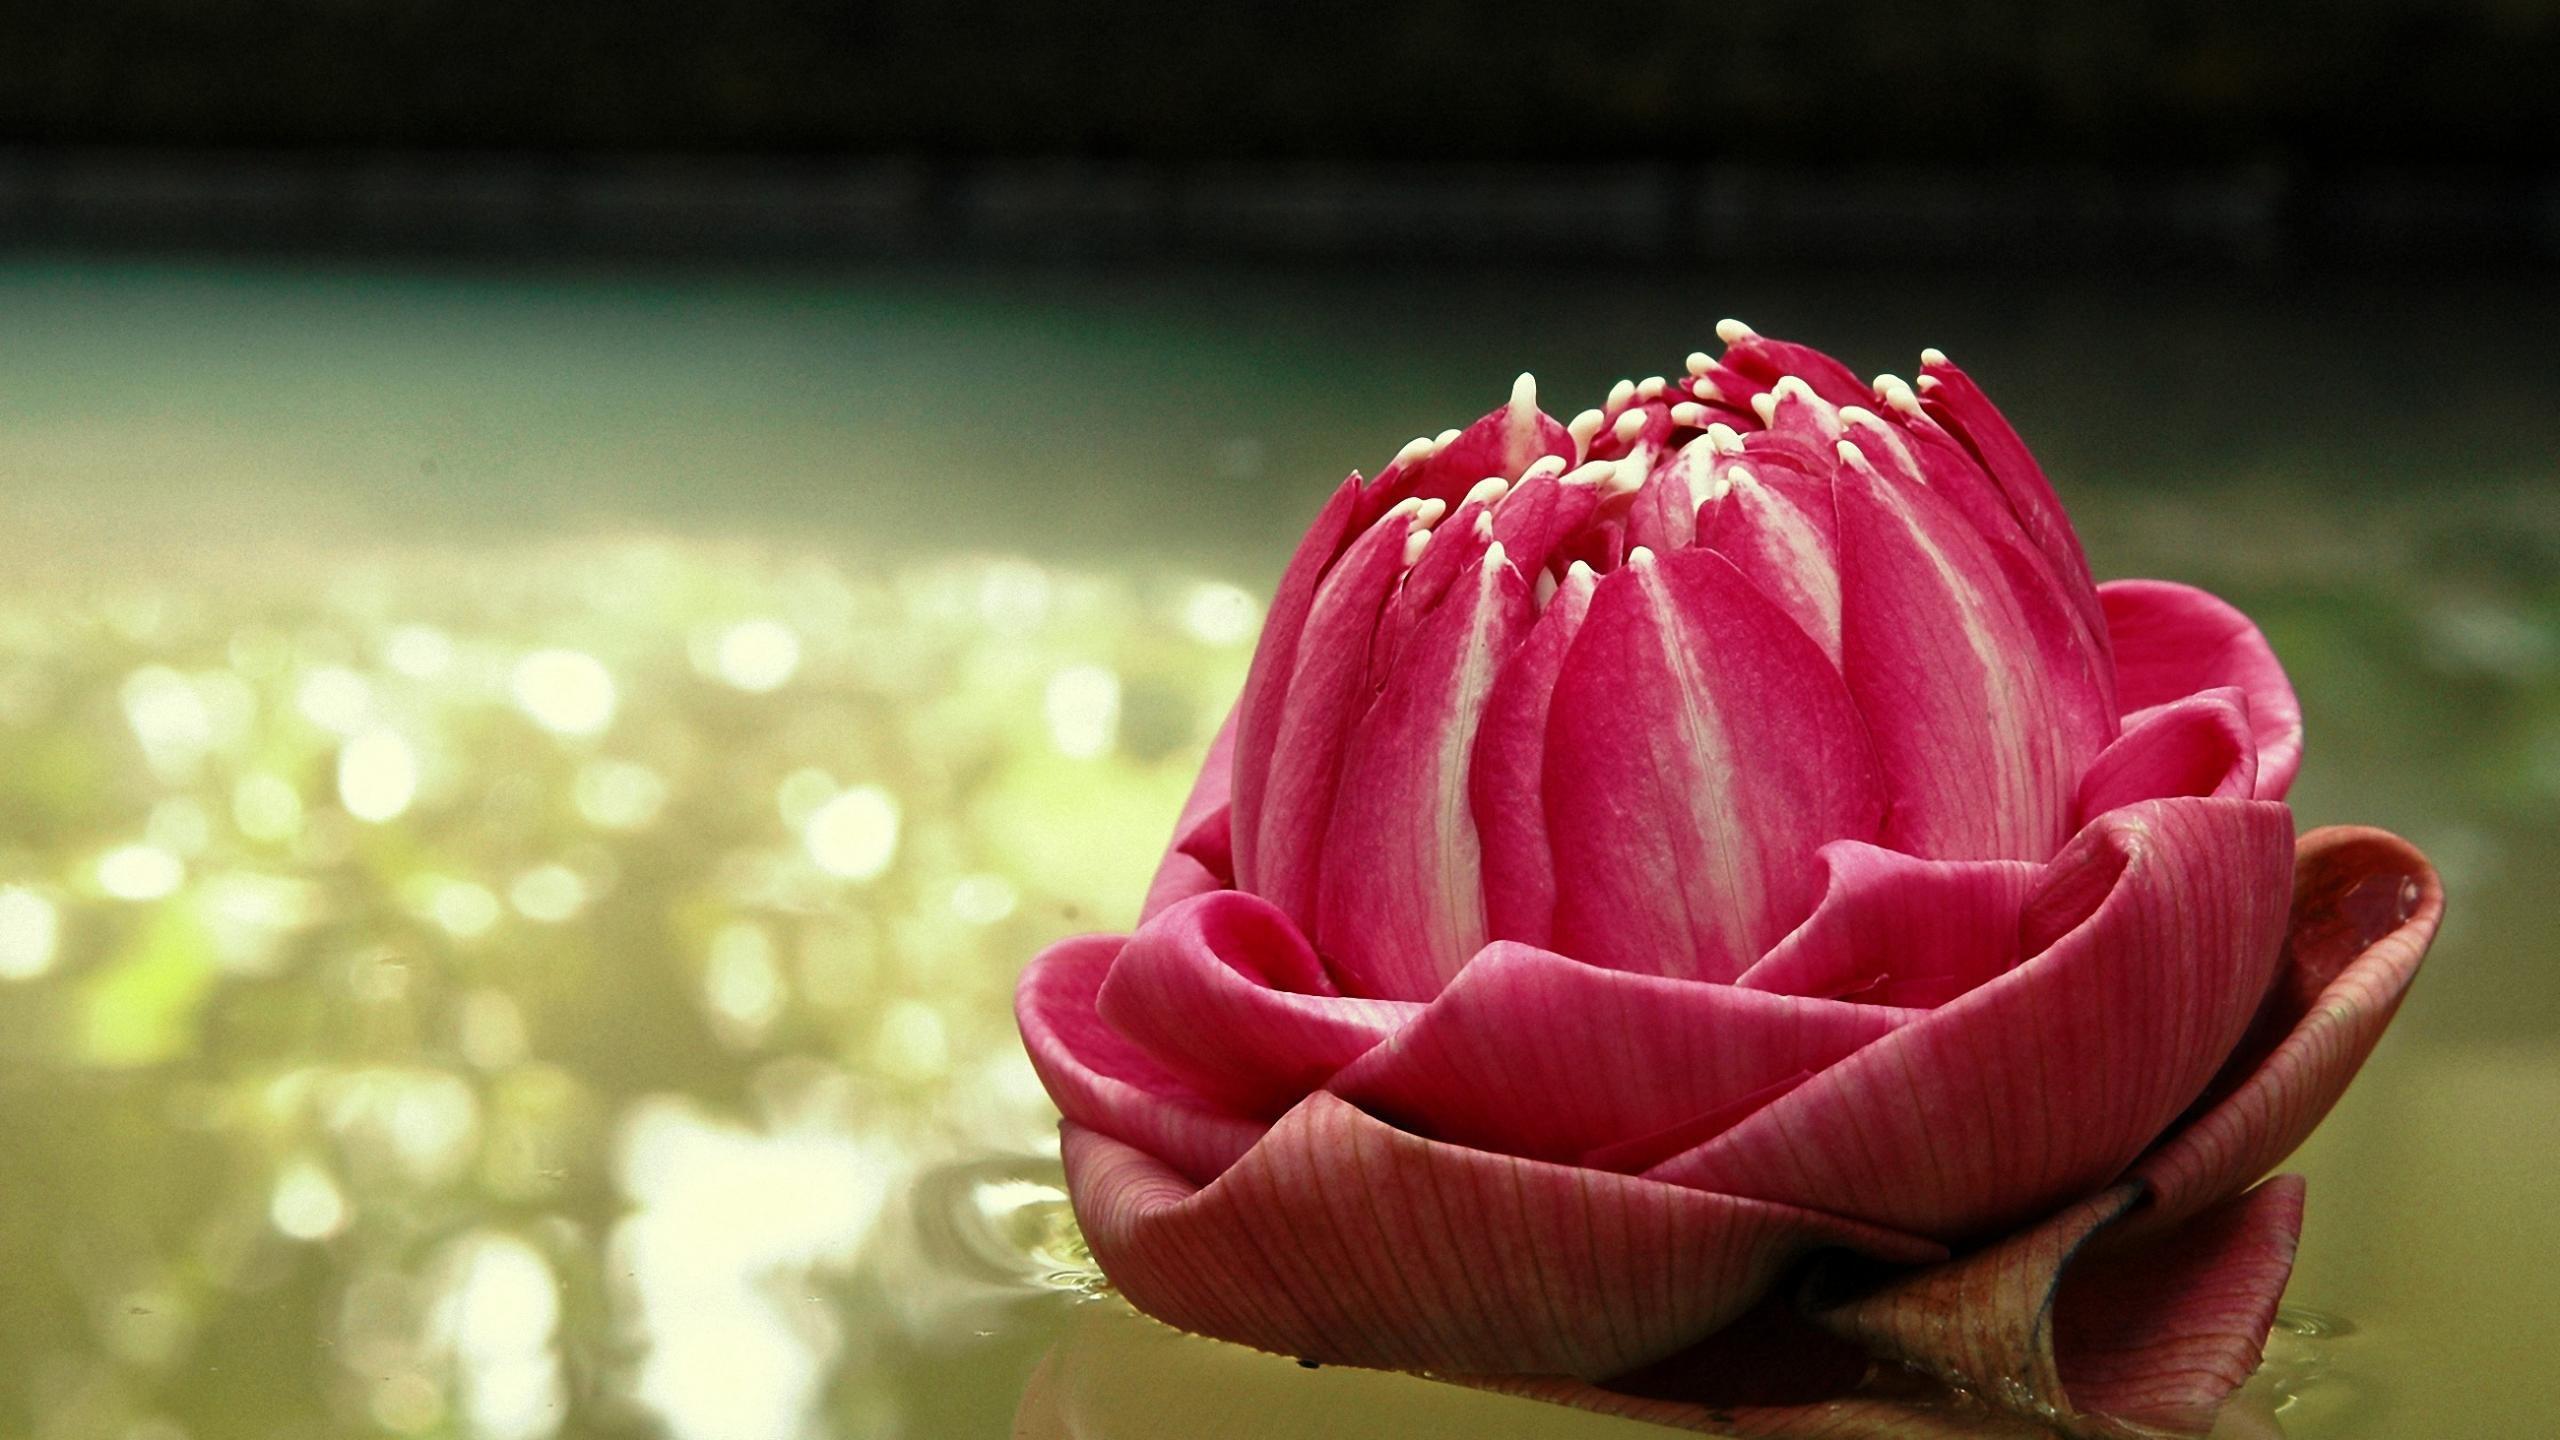 Lotus Flower Wallpapers 2560x1440 Desktop Backgrounds